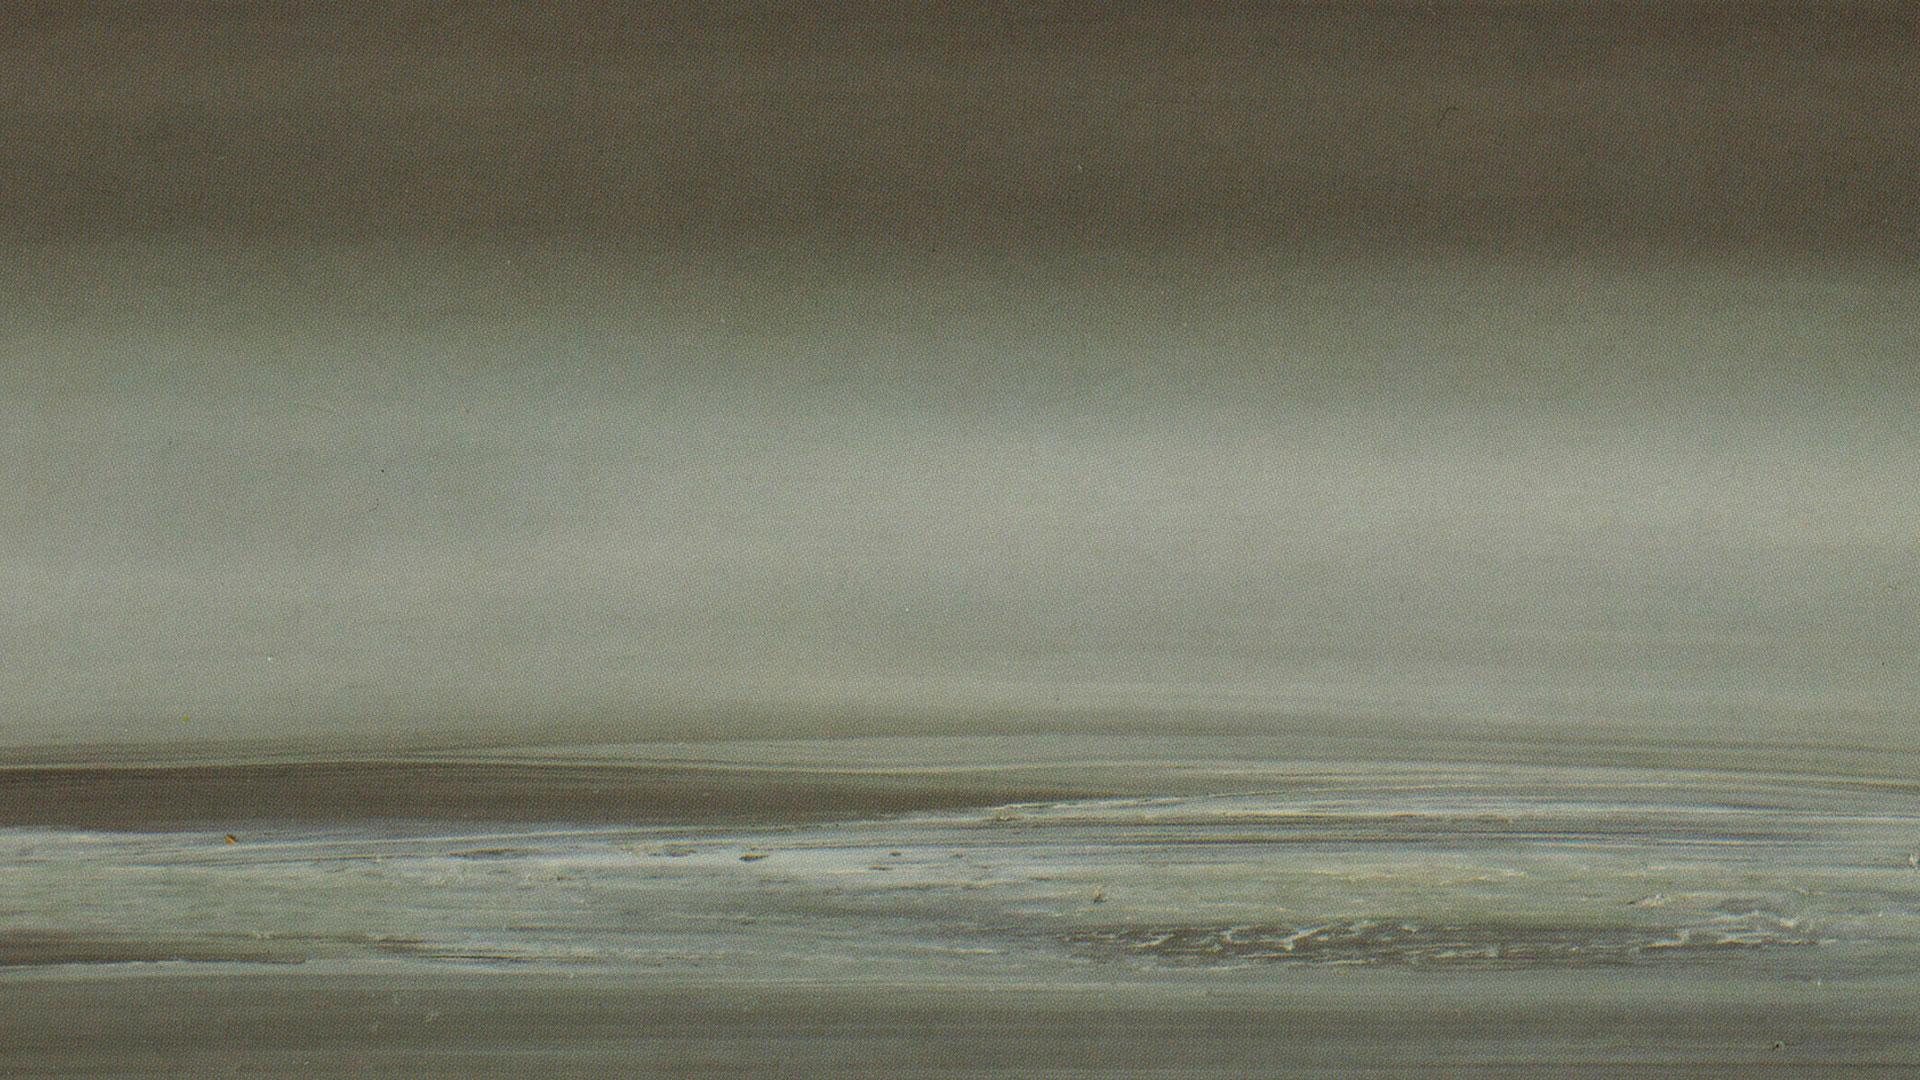 Obra de Gerhard Richter exhibida en el Guggenheim de Bilbao